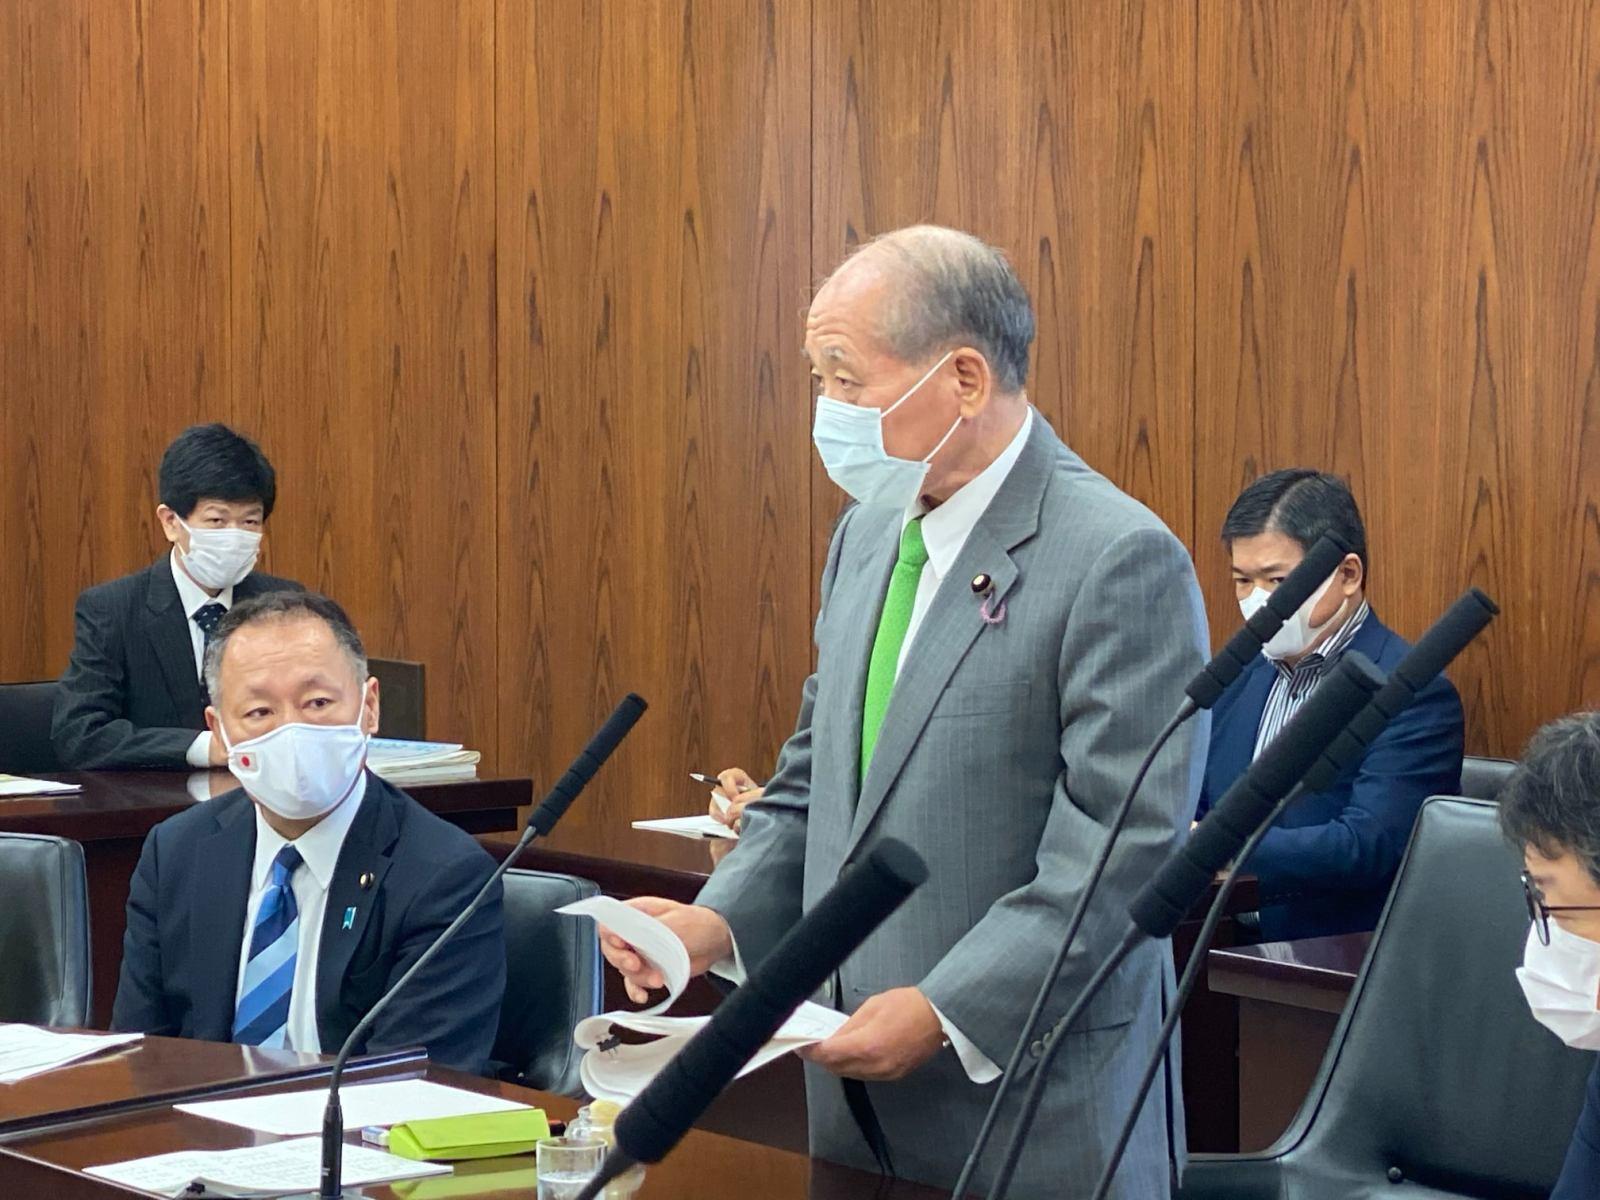 参議院議員鈴木宗男 質問第12号 菅義偉内閣総理大臣が「日本学術会議」が推薦した会員候補者105名のうち、6名の任命を見送ったことに関する質問主意書